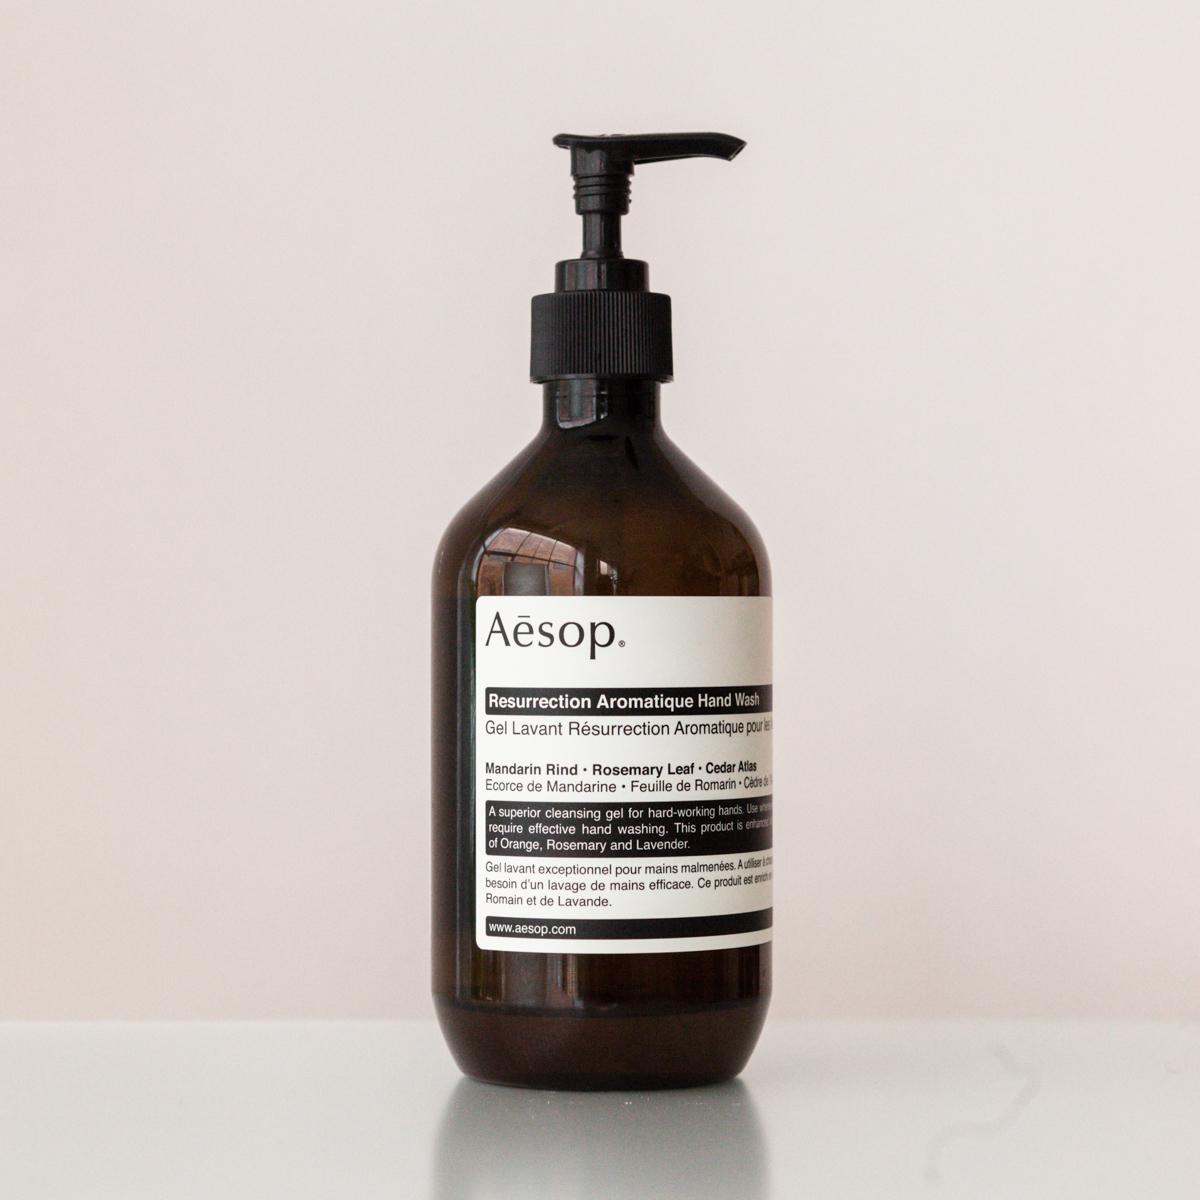 Aesop™Resurrection Aromatique— hand wash.